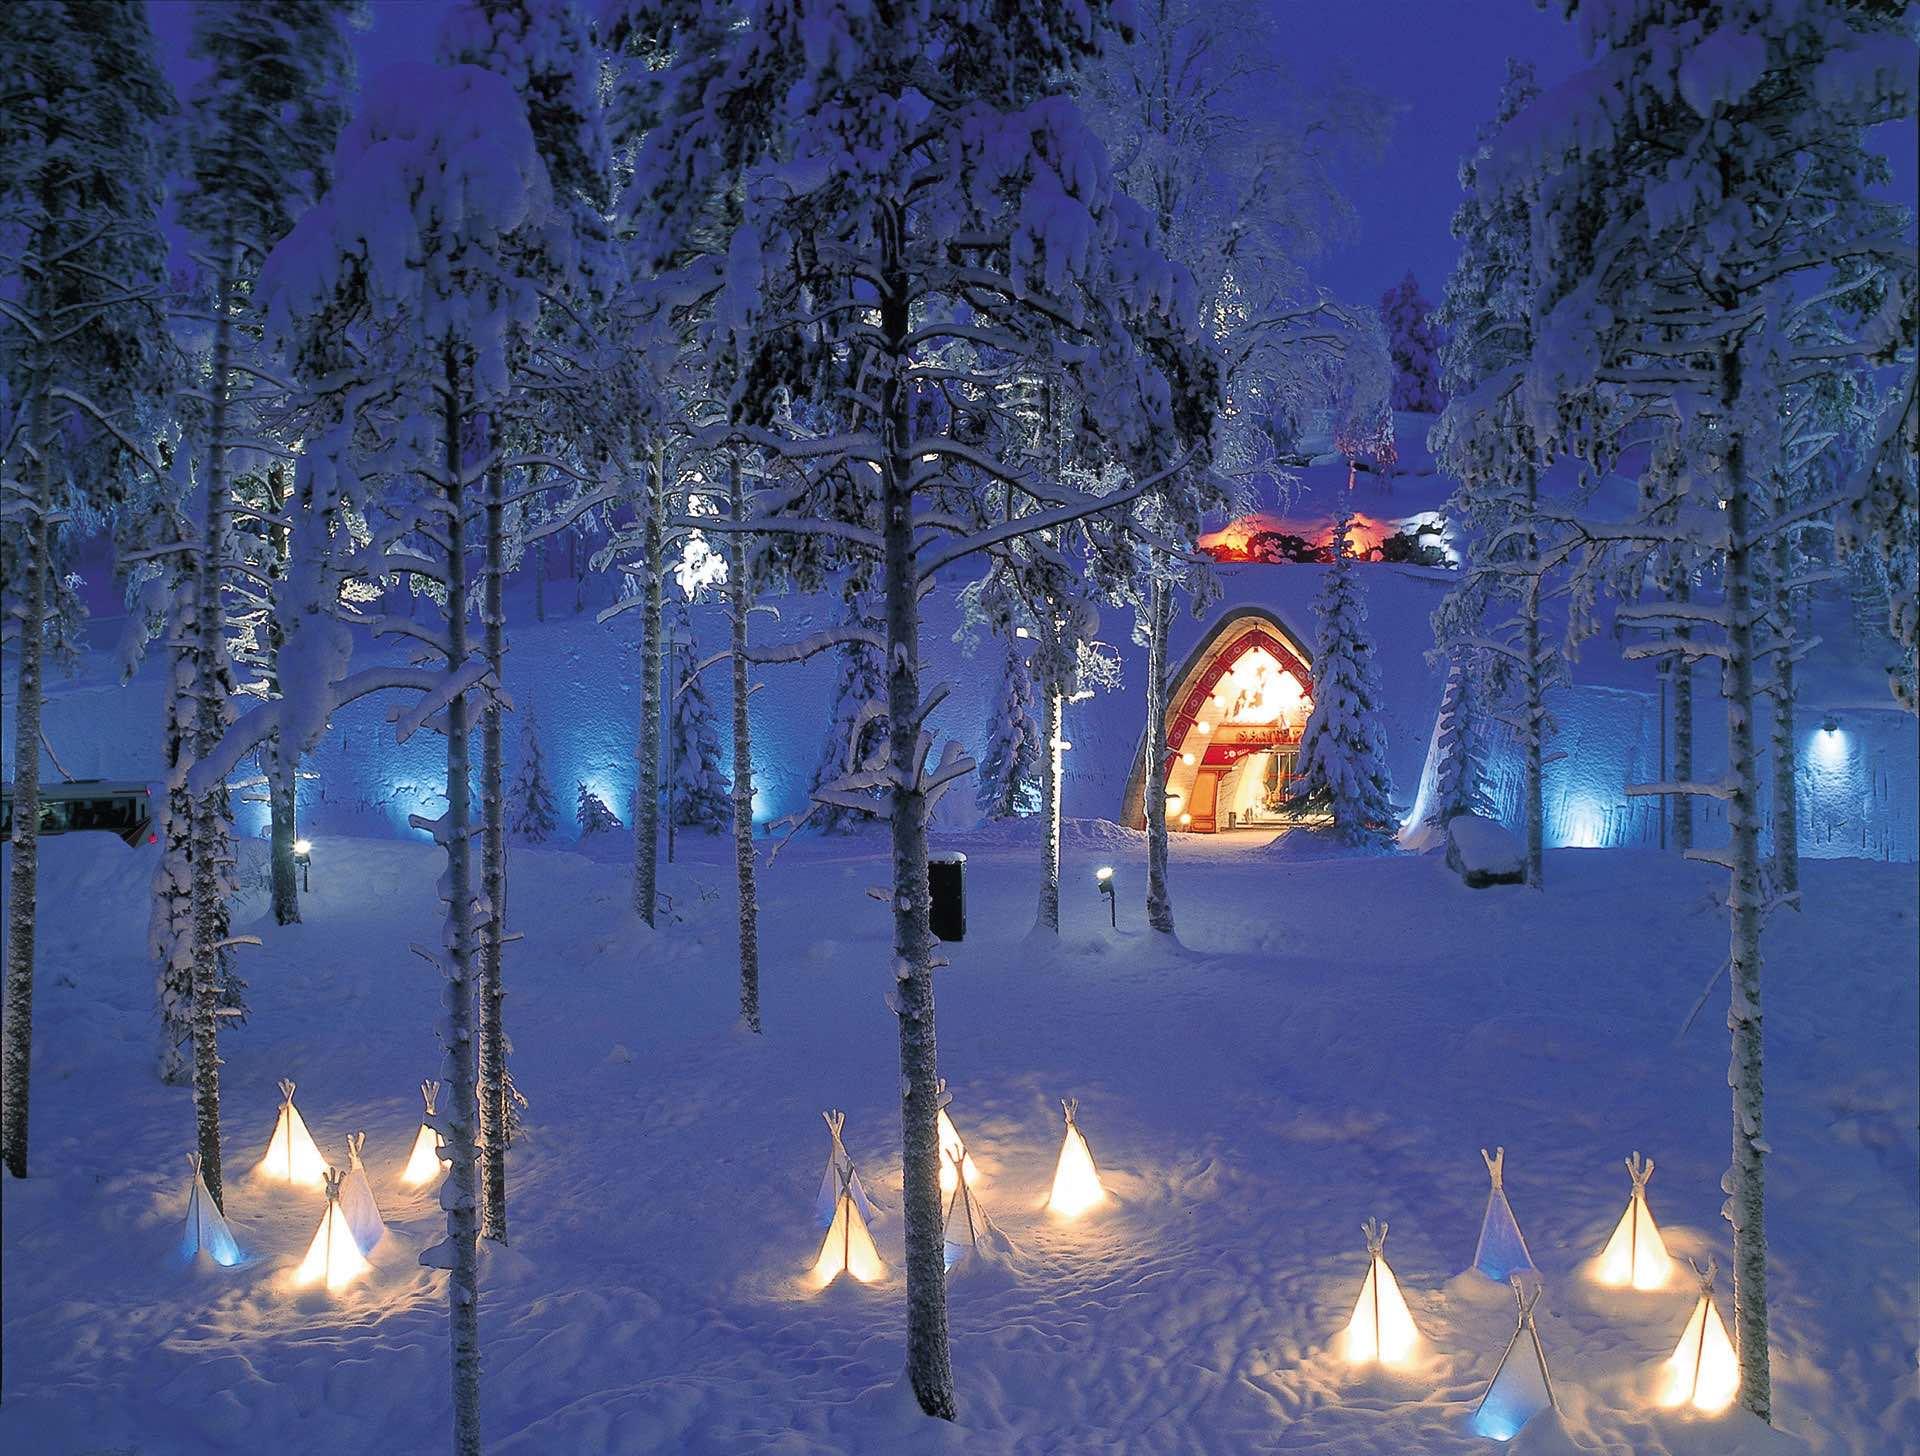 Navidad en Laponia - Guía de Turismo de Finlandia